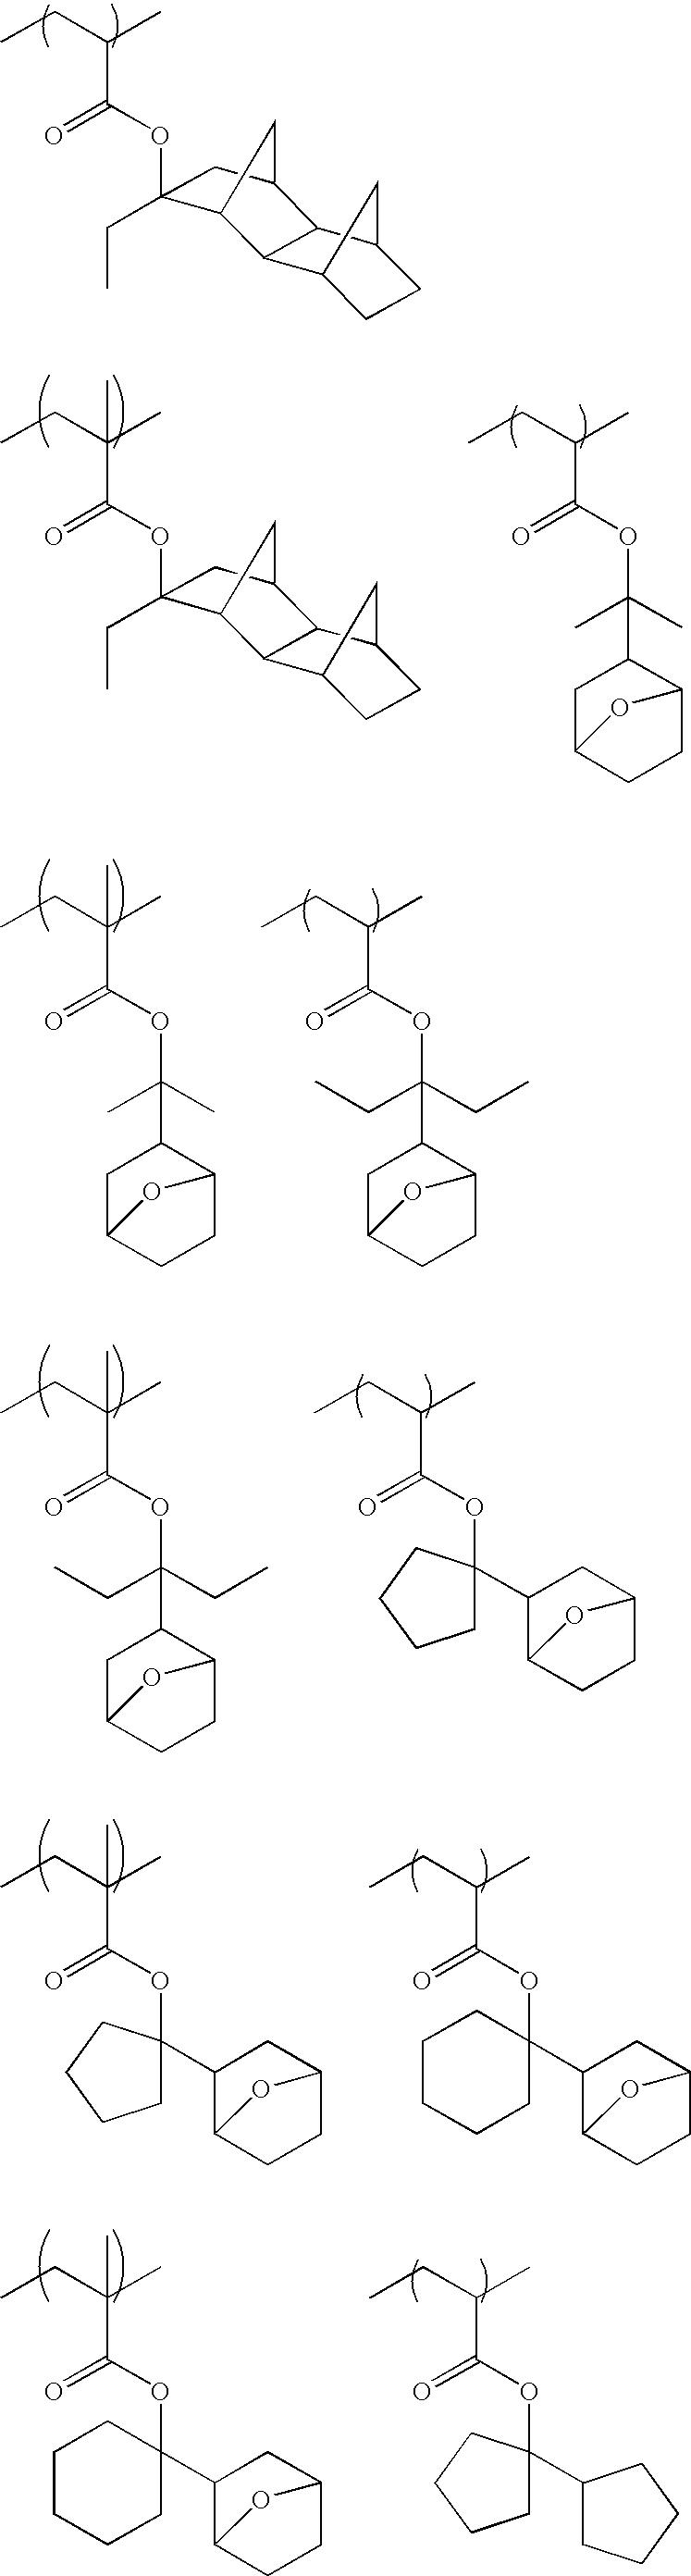 Figure US20090280434A1-20091112-C00047